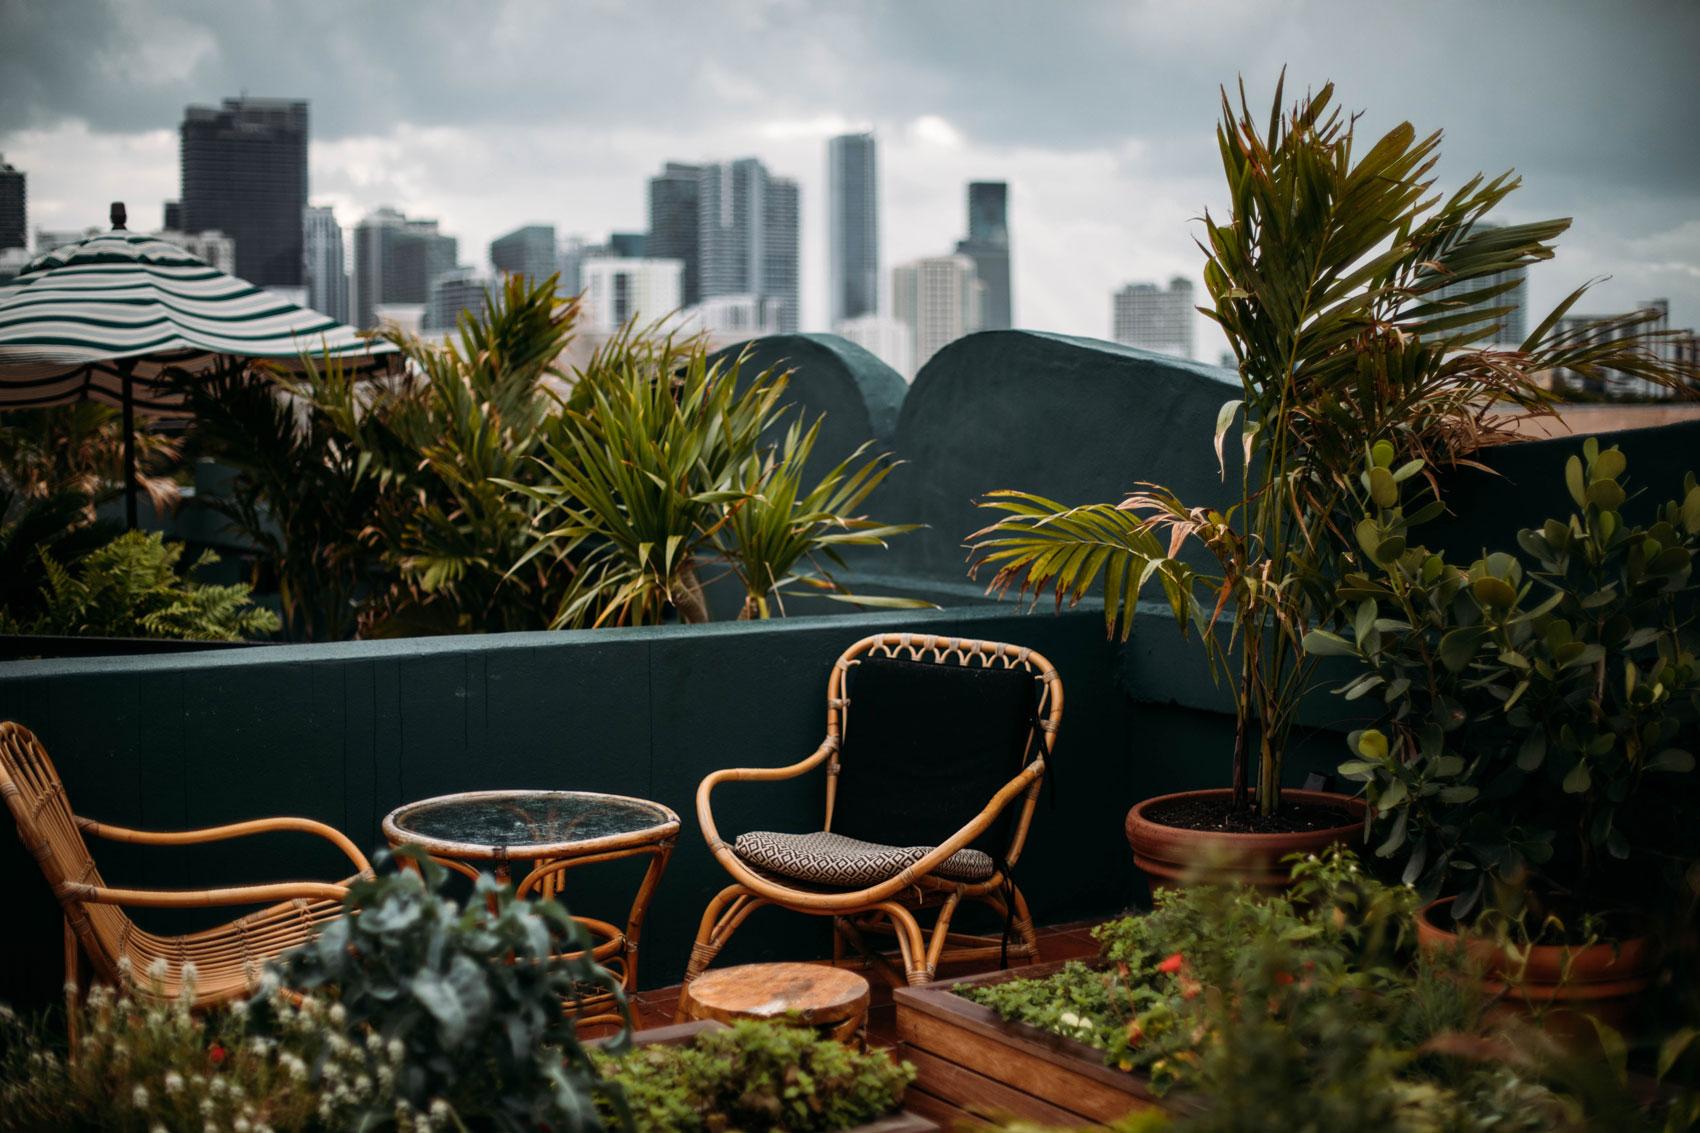 terras-rooftop-miami